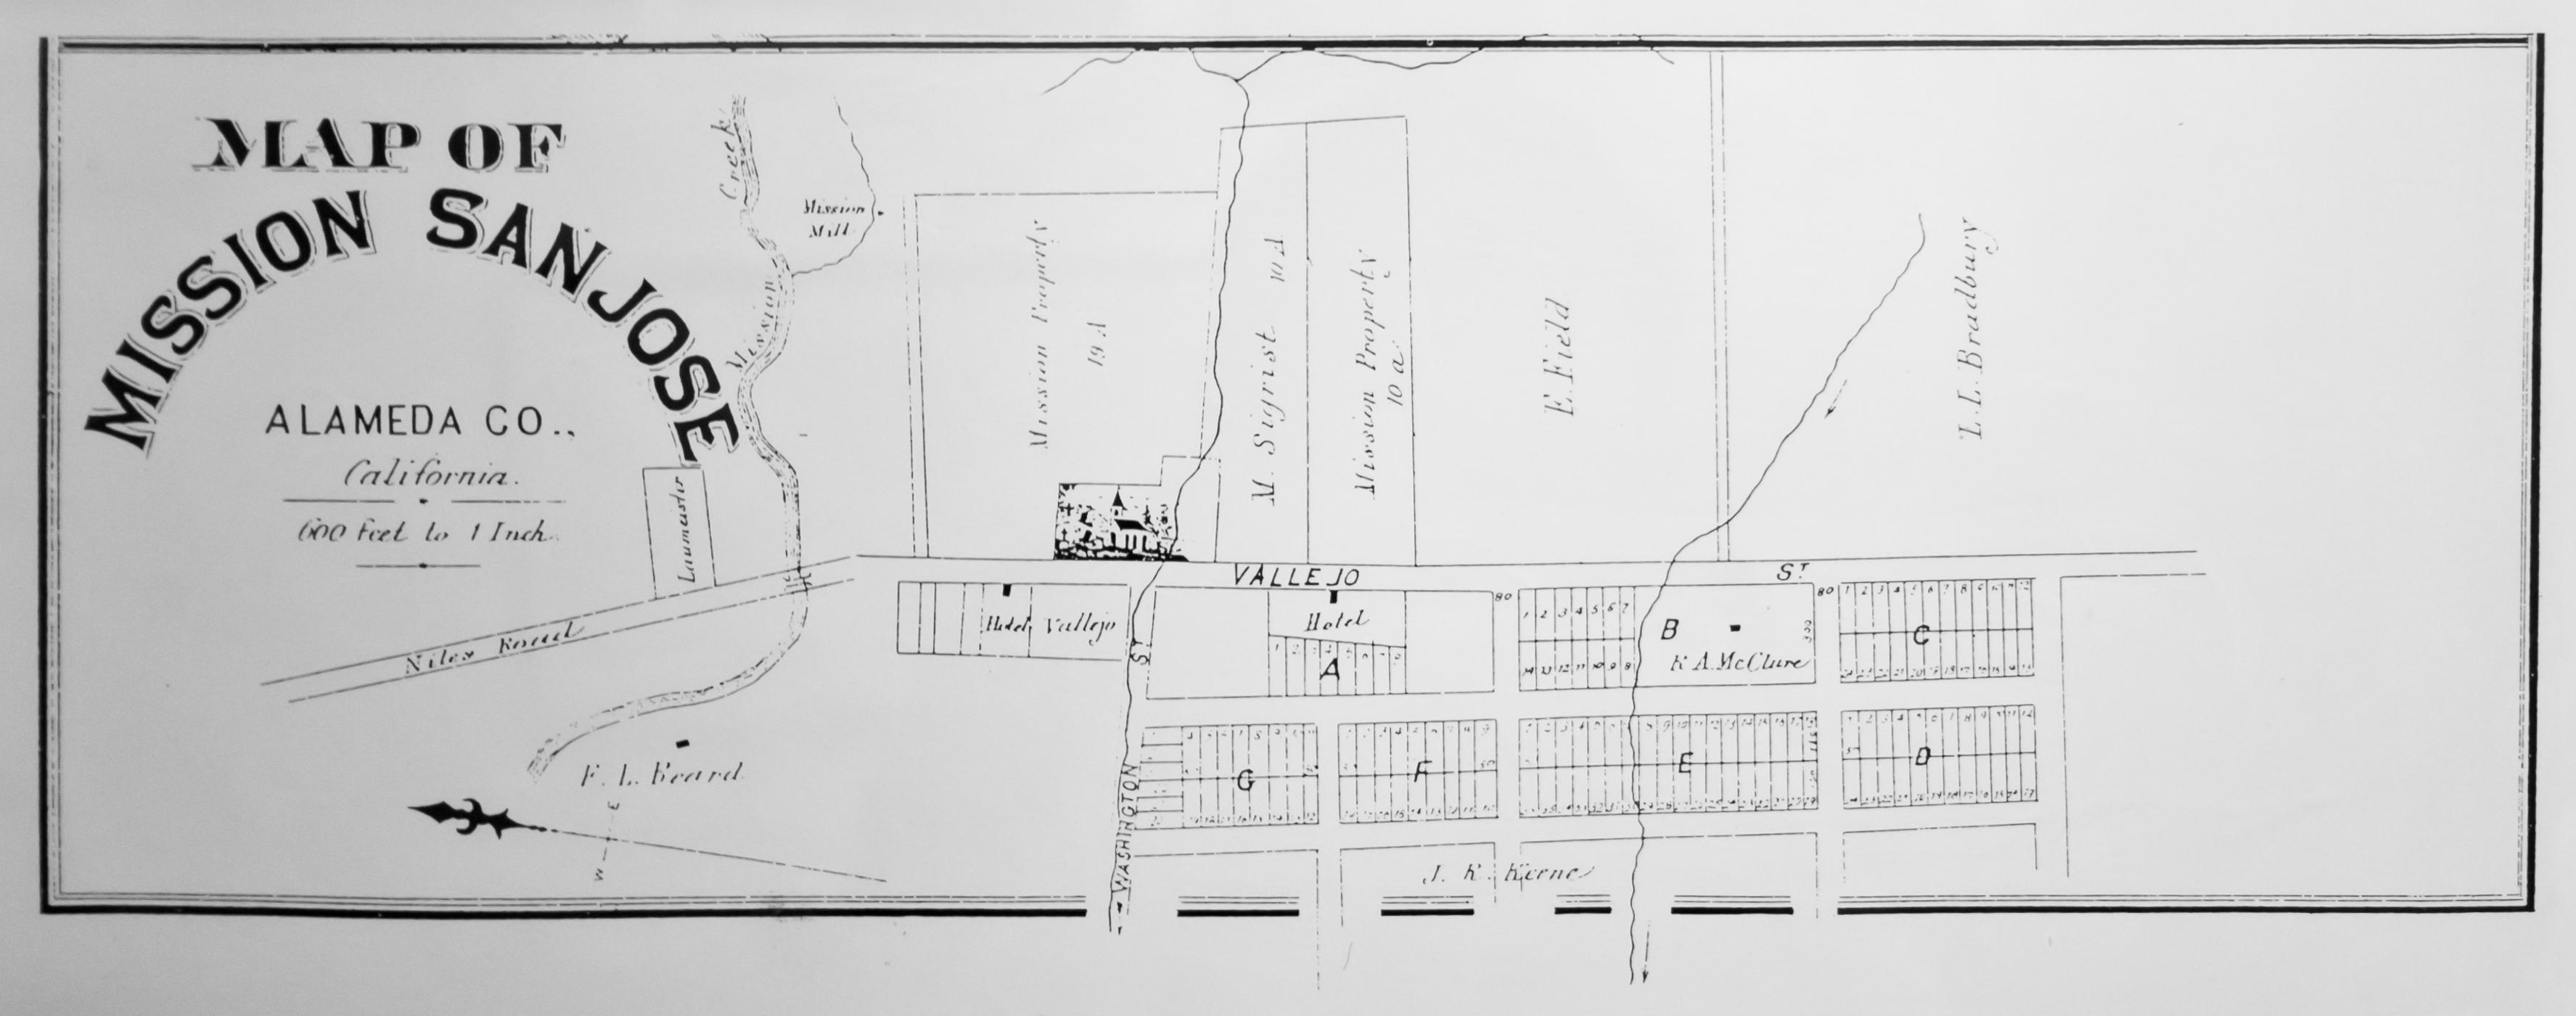 FileMission San Jose Map Jpg Wikimedia Commons - Map of usa showing san jose